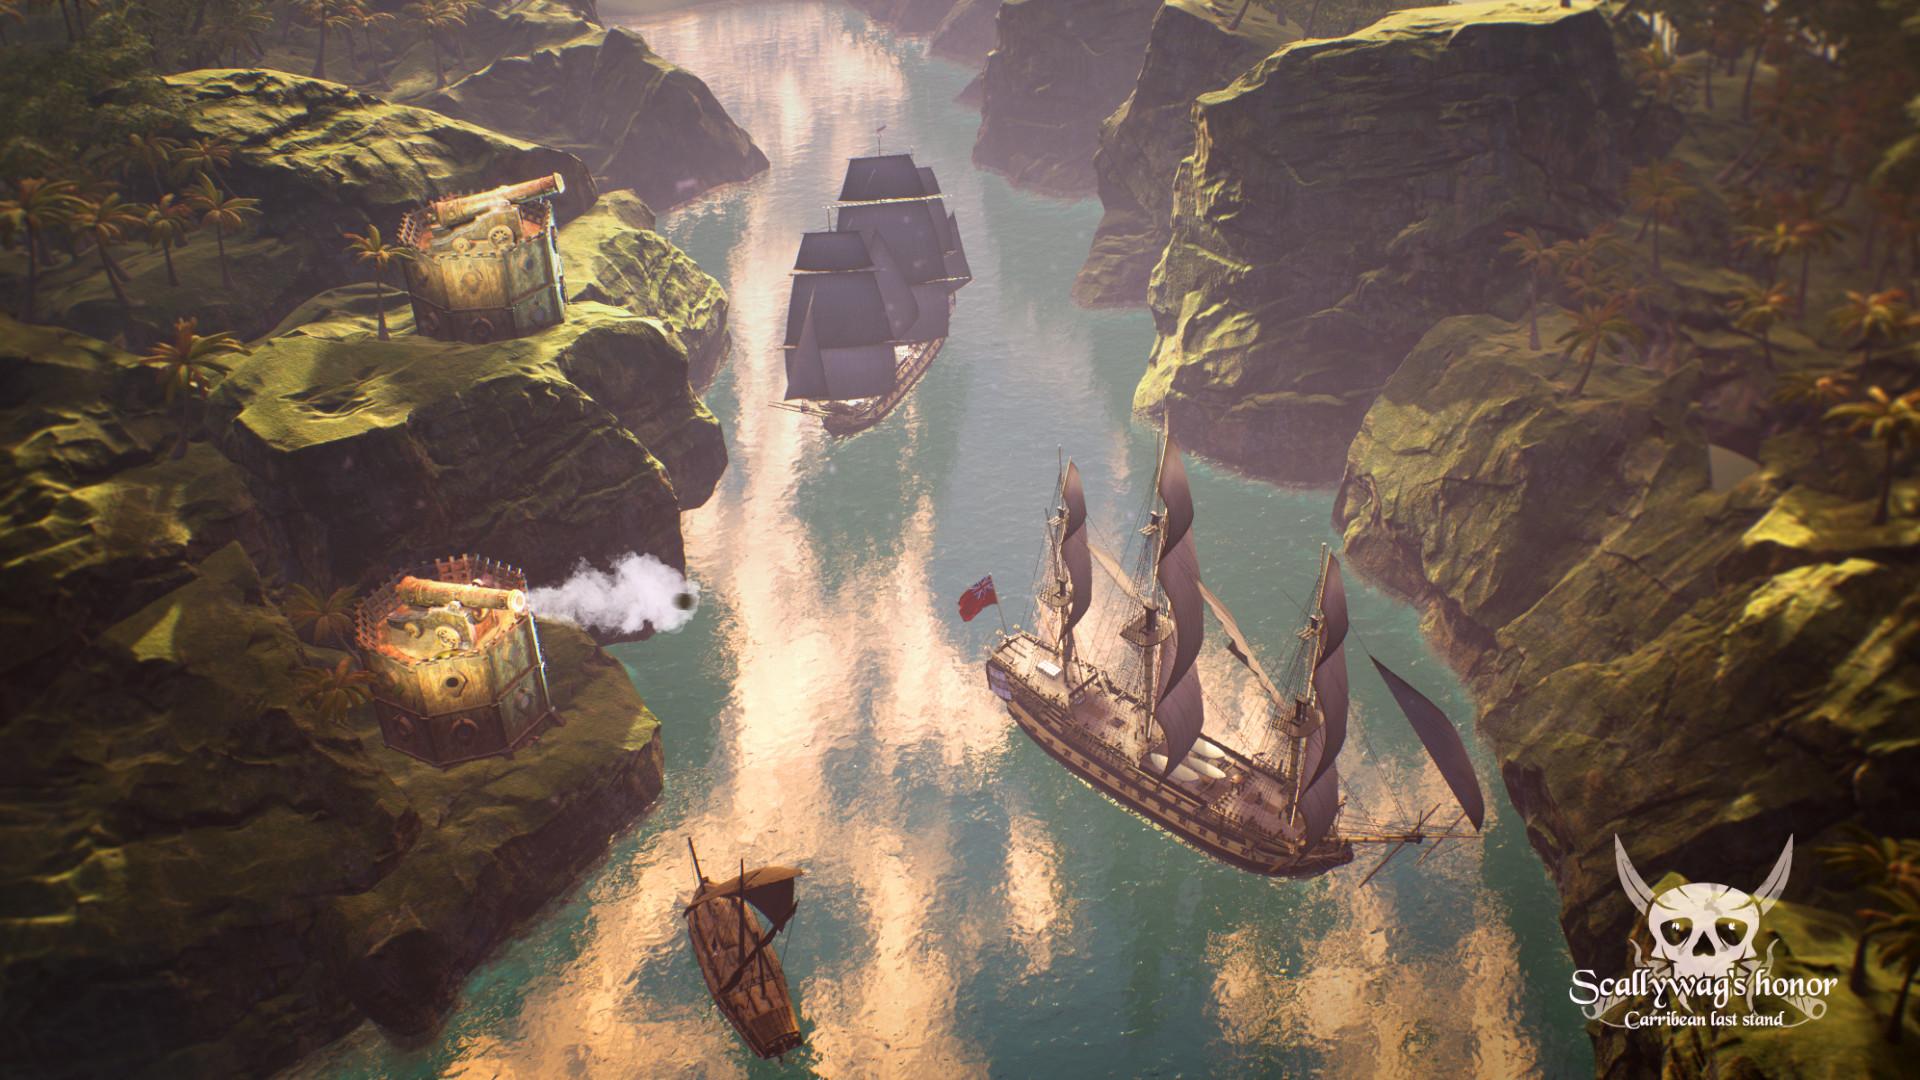 Scallywag's Honor on Steam